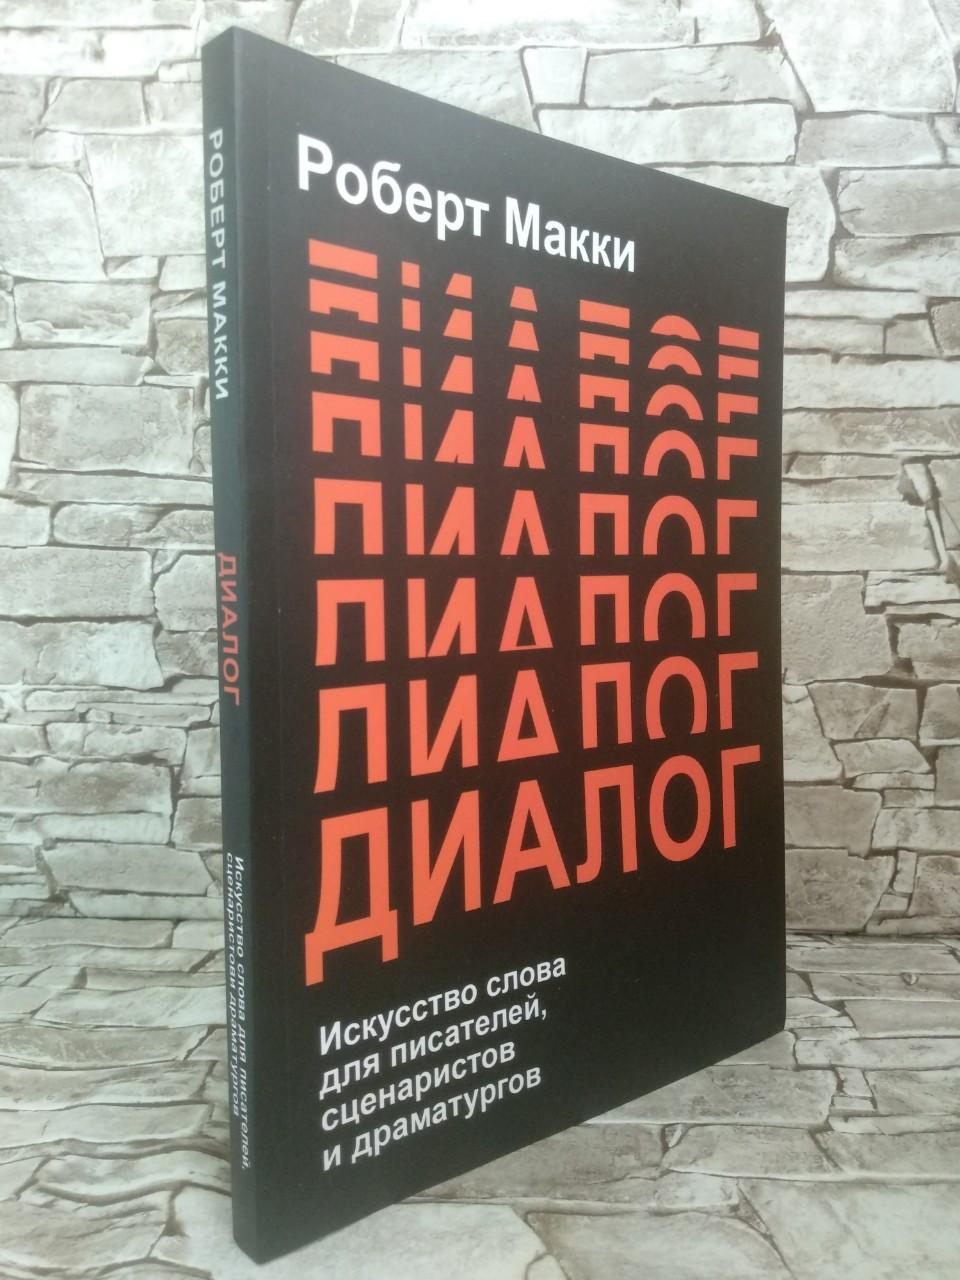 """Книга """"Диалог. Искусство слова для писателей, сценаристов и драматургов""""  Роберт Макки."""